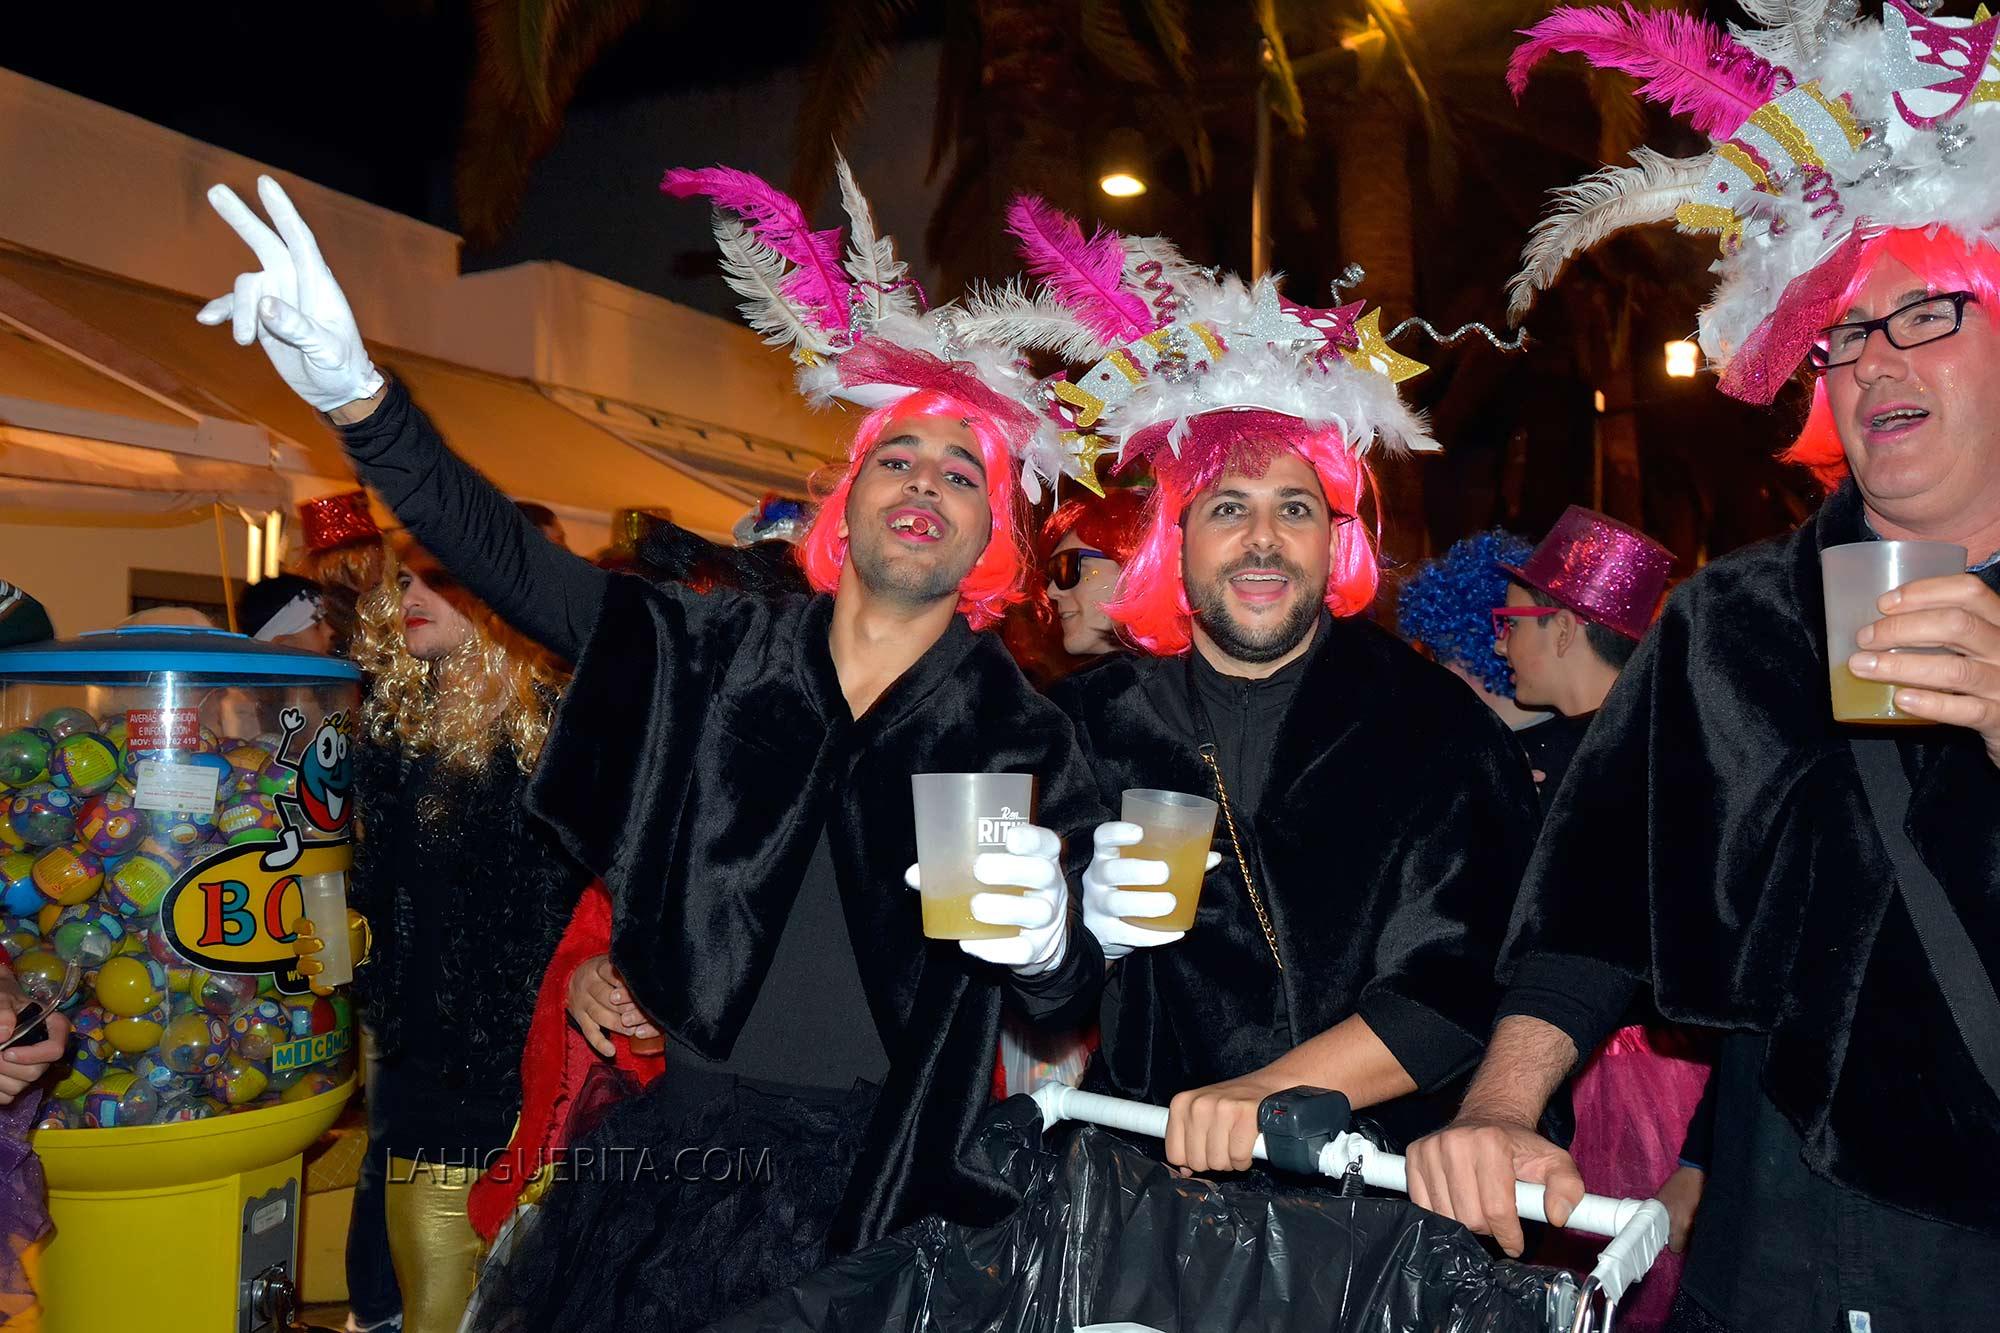 Entierro de la sardina carnaval isla cristina _DSC2138